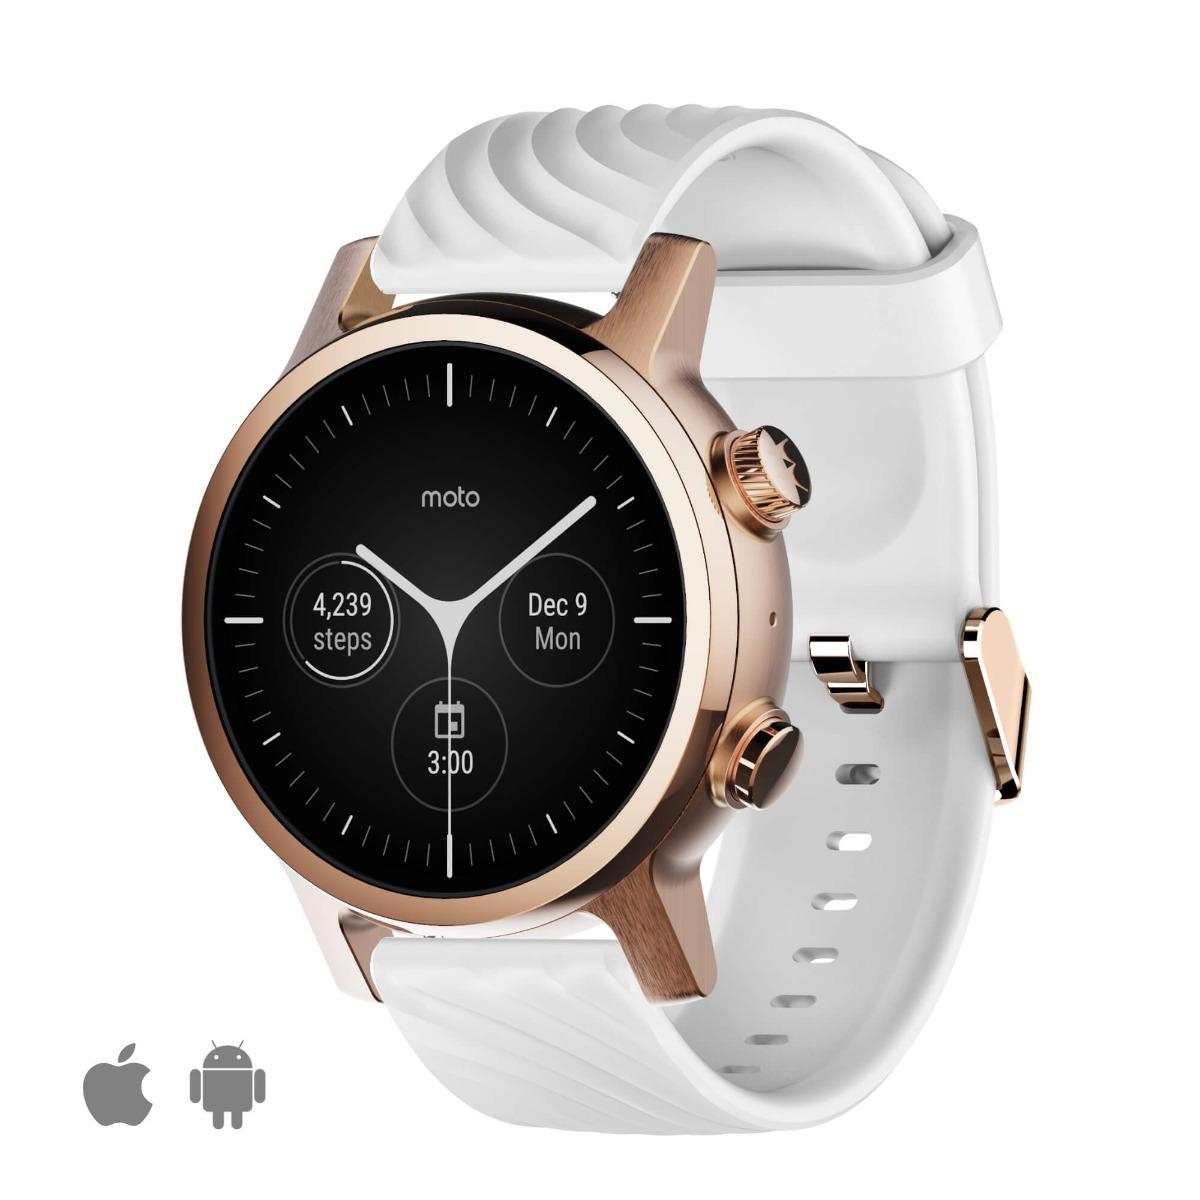 Смарт-часы Motorola Moto 360 3rd GEN Stainless Steel (2020) Rose Gold Moto 360 3rd GEN 2020